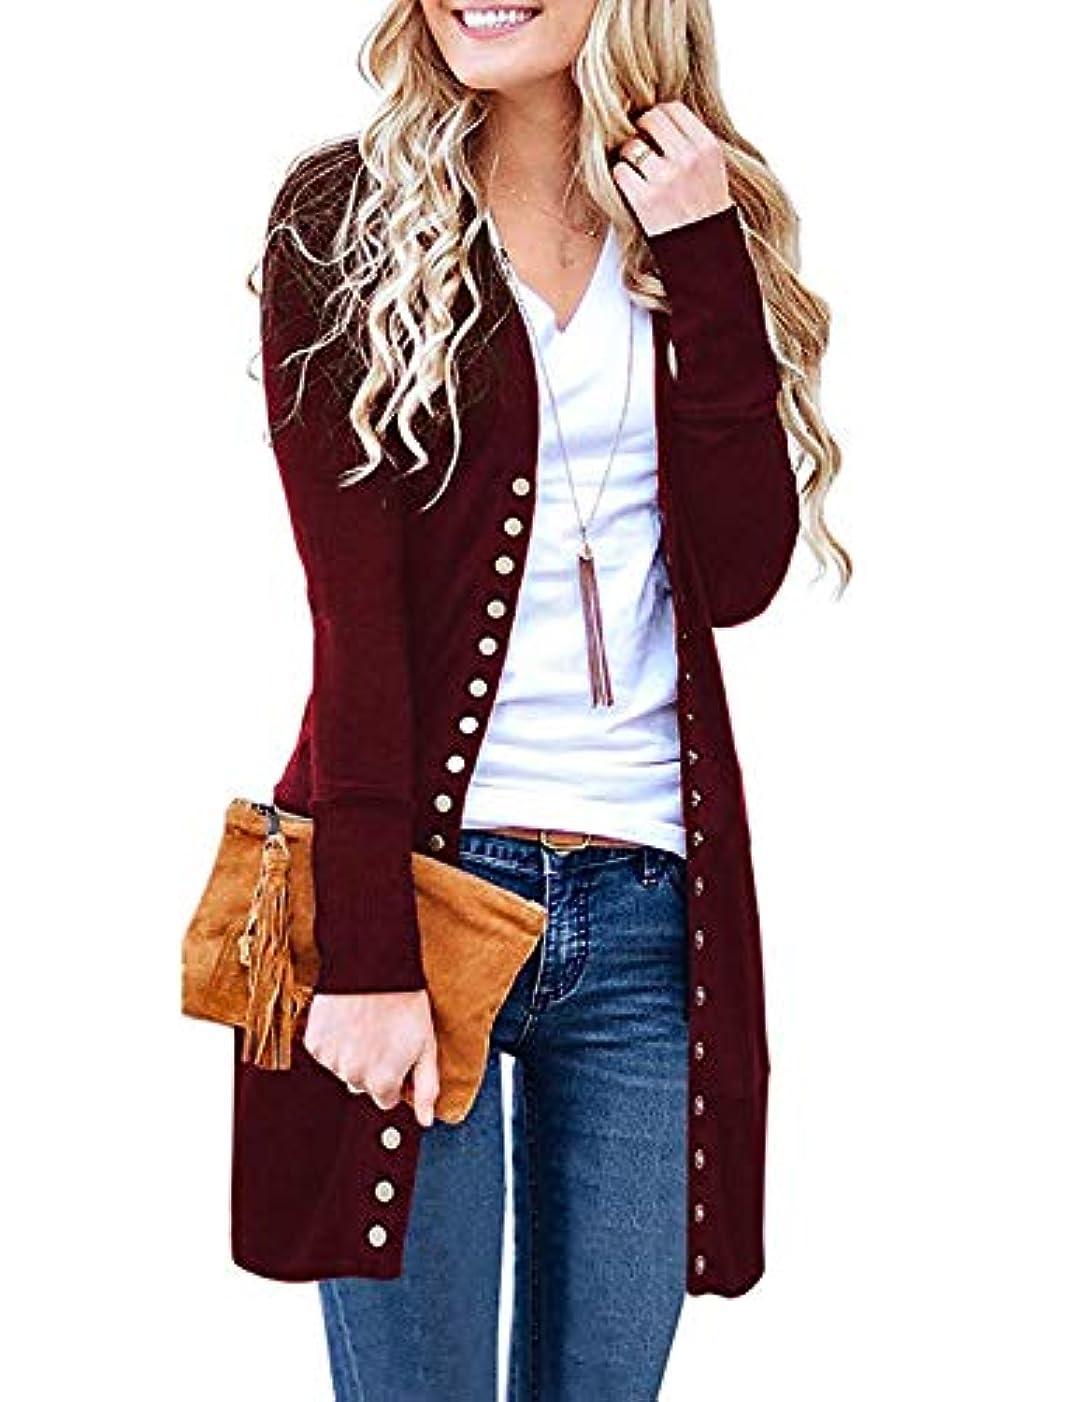 Viracy Women's Long Sleeve Casual Button Knit Long Cardigan